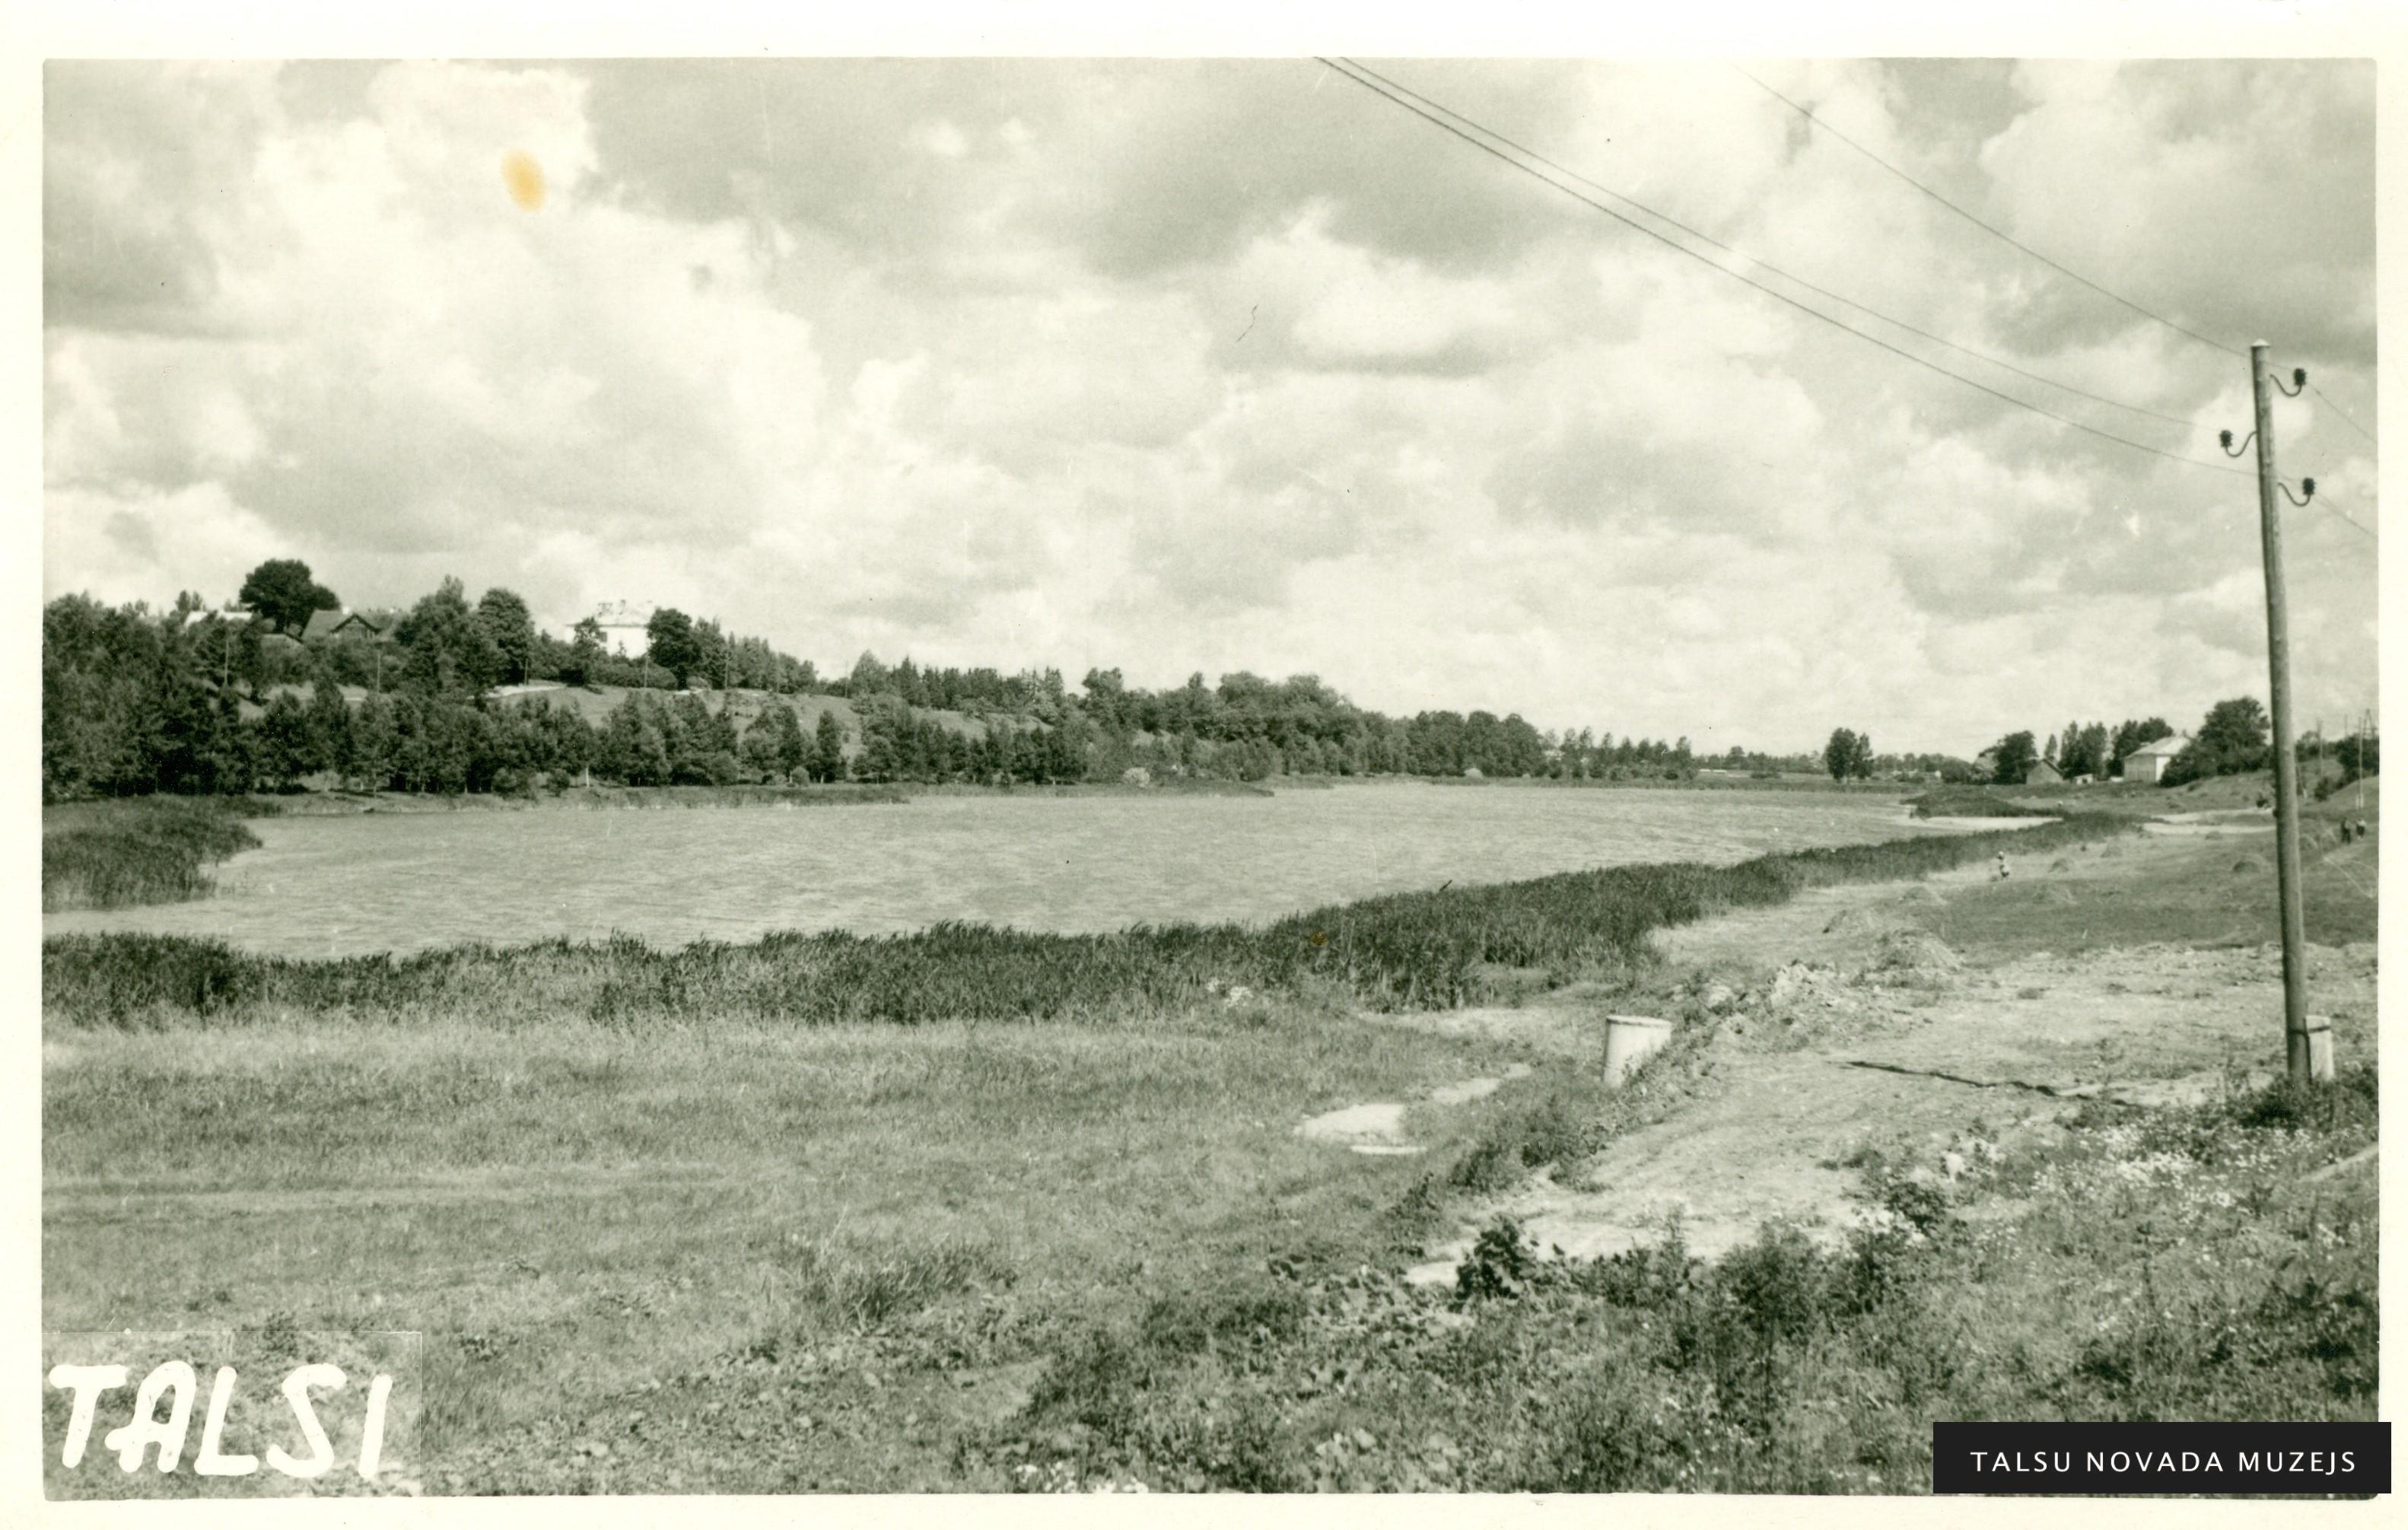 Skats uz Vilkmuižas ezeru 20. gs. 60. gadu beigās. Foto: Kārlis Lasenbergs. TNMM 18 722-5